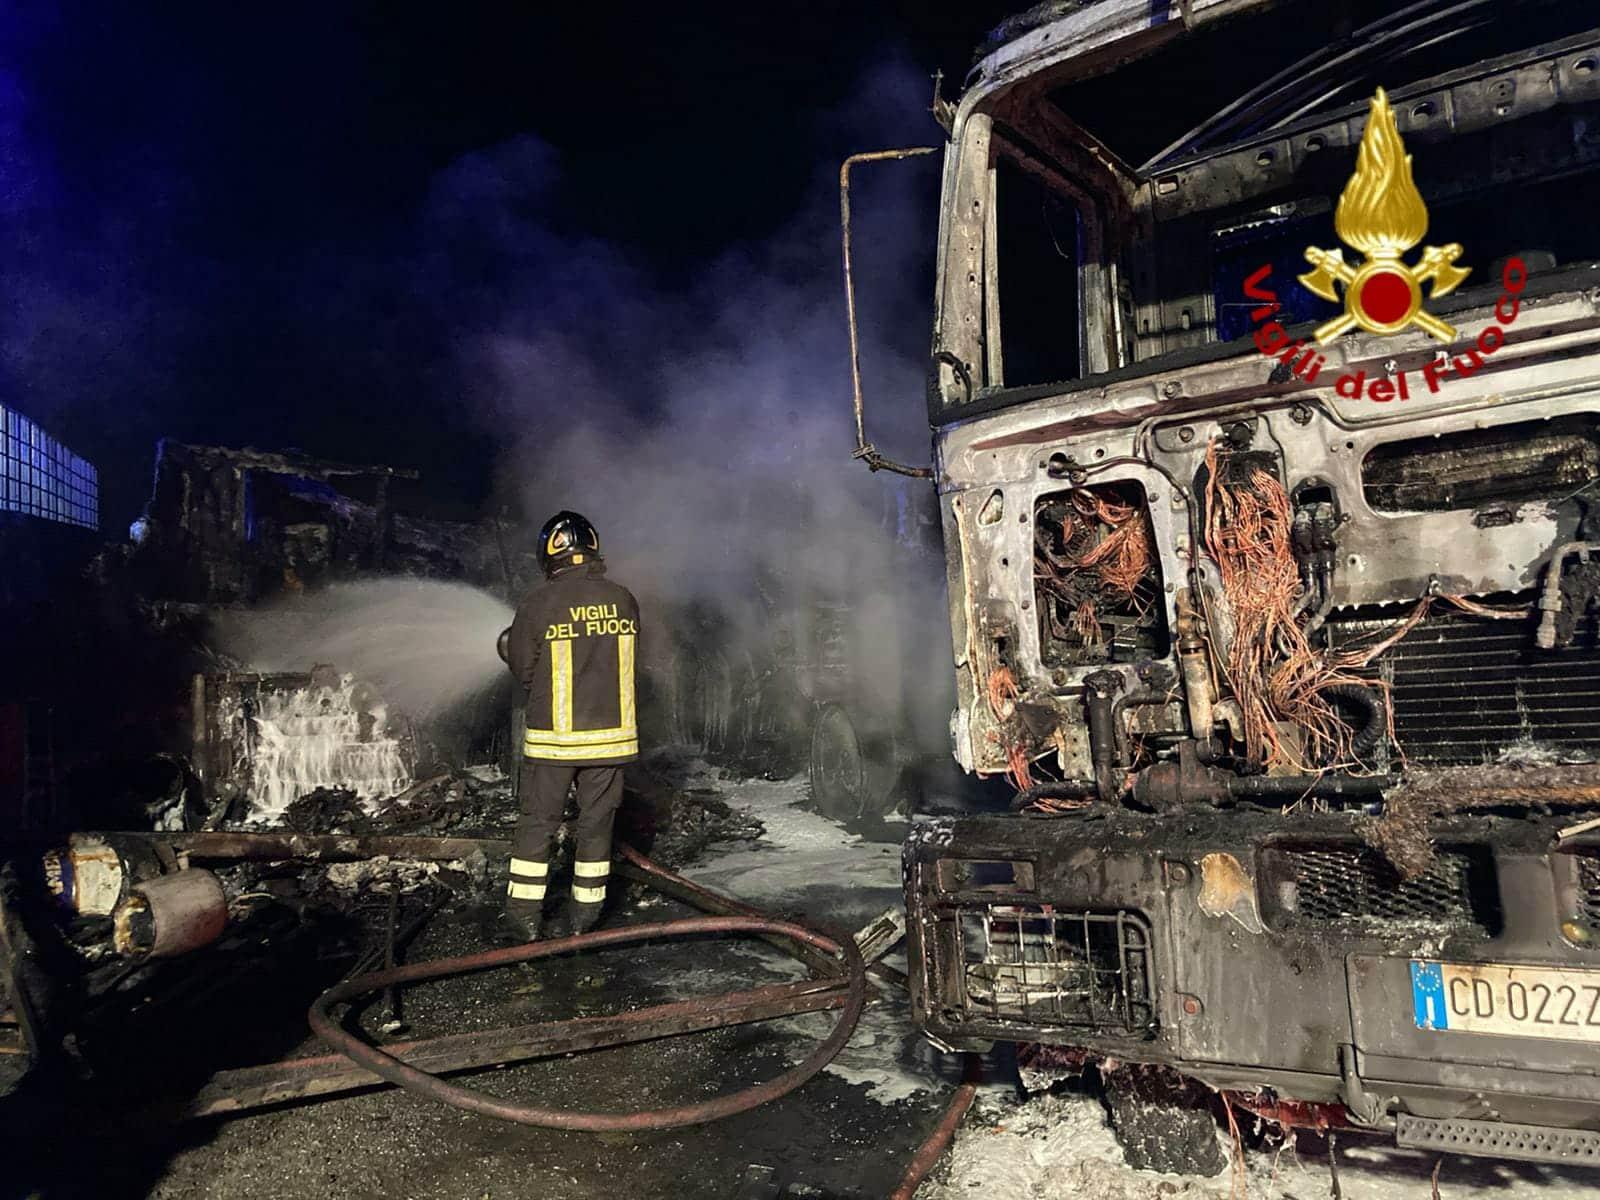 Paura a Catania, divampa incendio nella zona sud: distrutte diverse attrezzature e mezzi